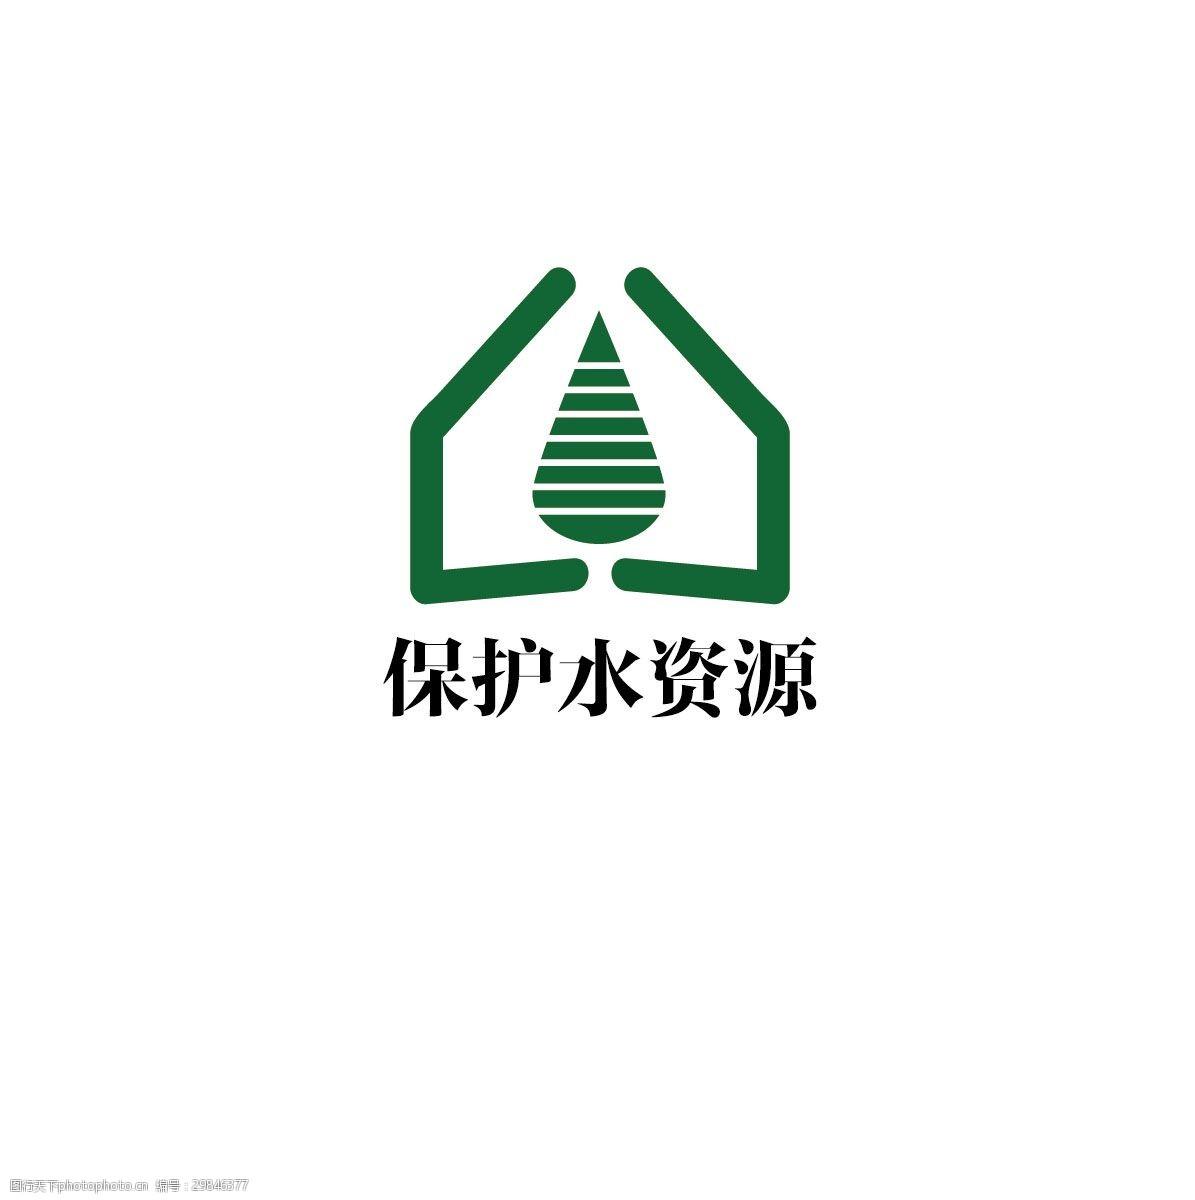 设计水资源logo保护圣剑莫德雷头盔设计图图片